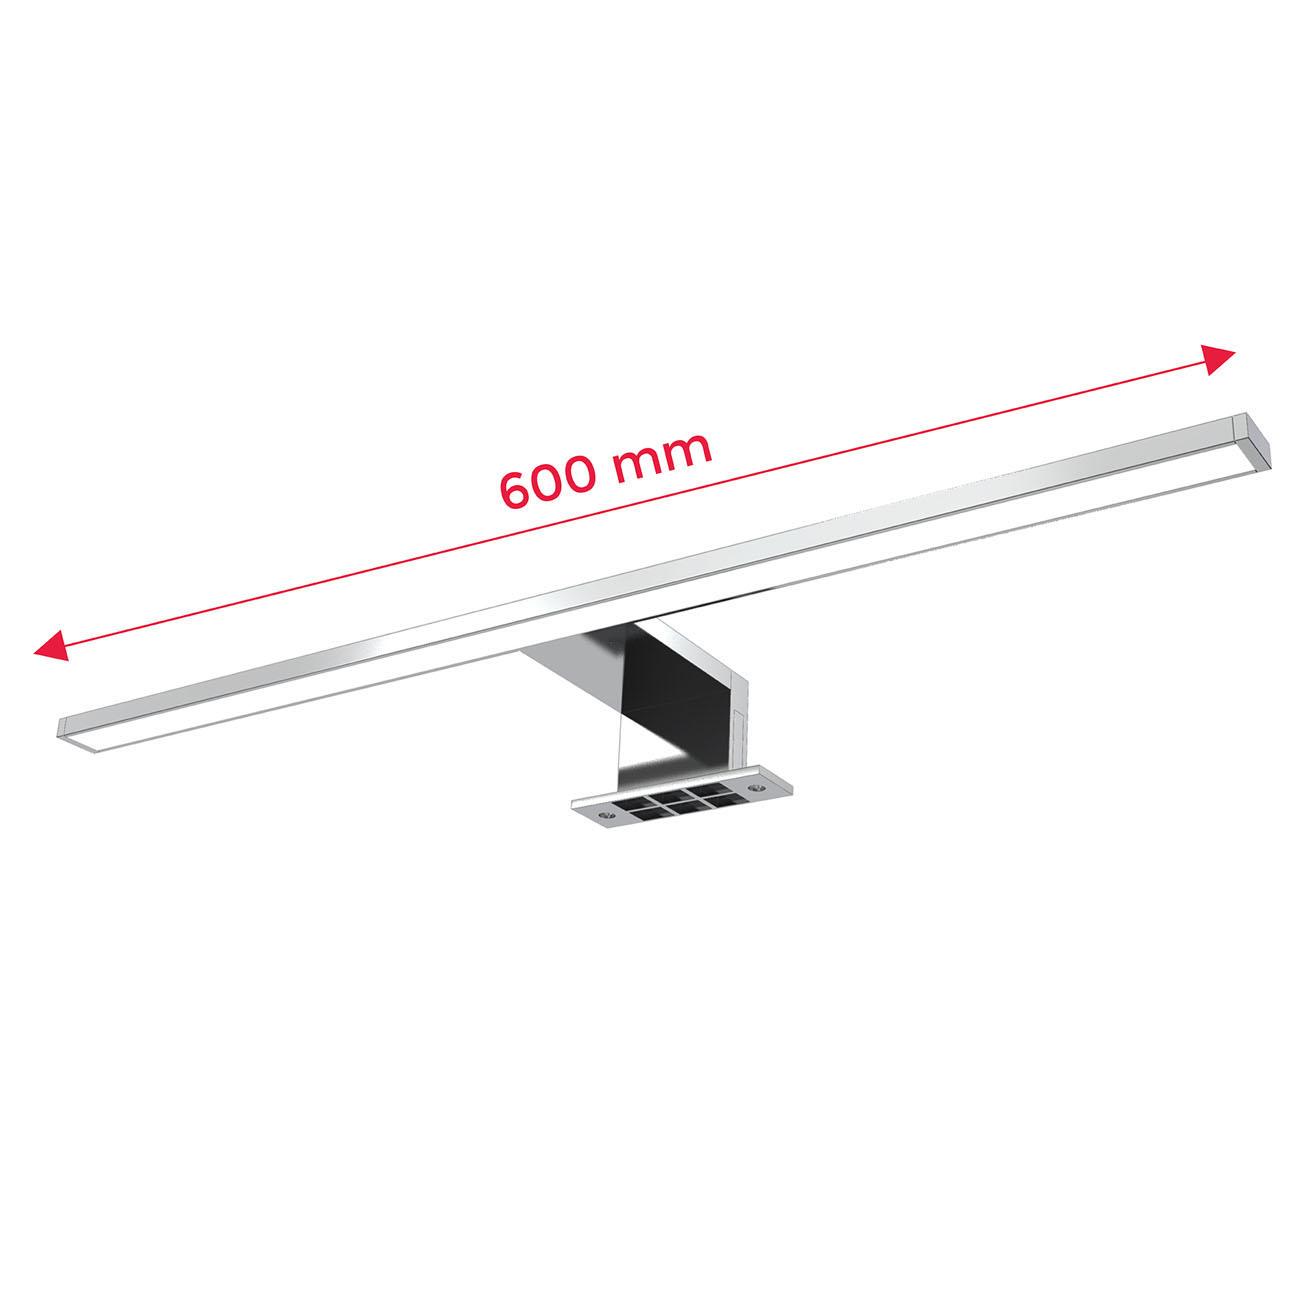 LED Spiegelleuchte Badlampe IP44 neutral-weiß M chrom - 5